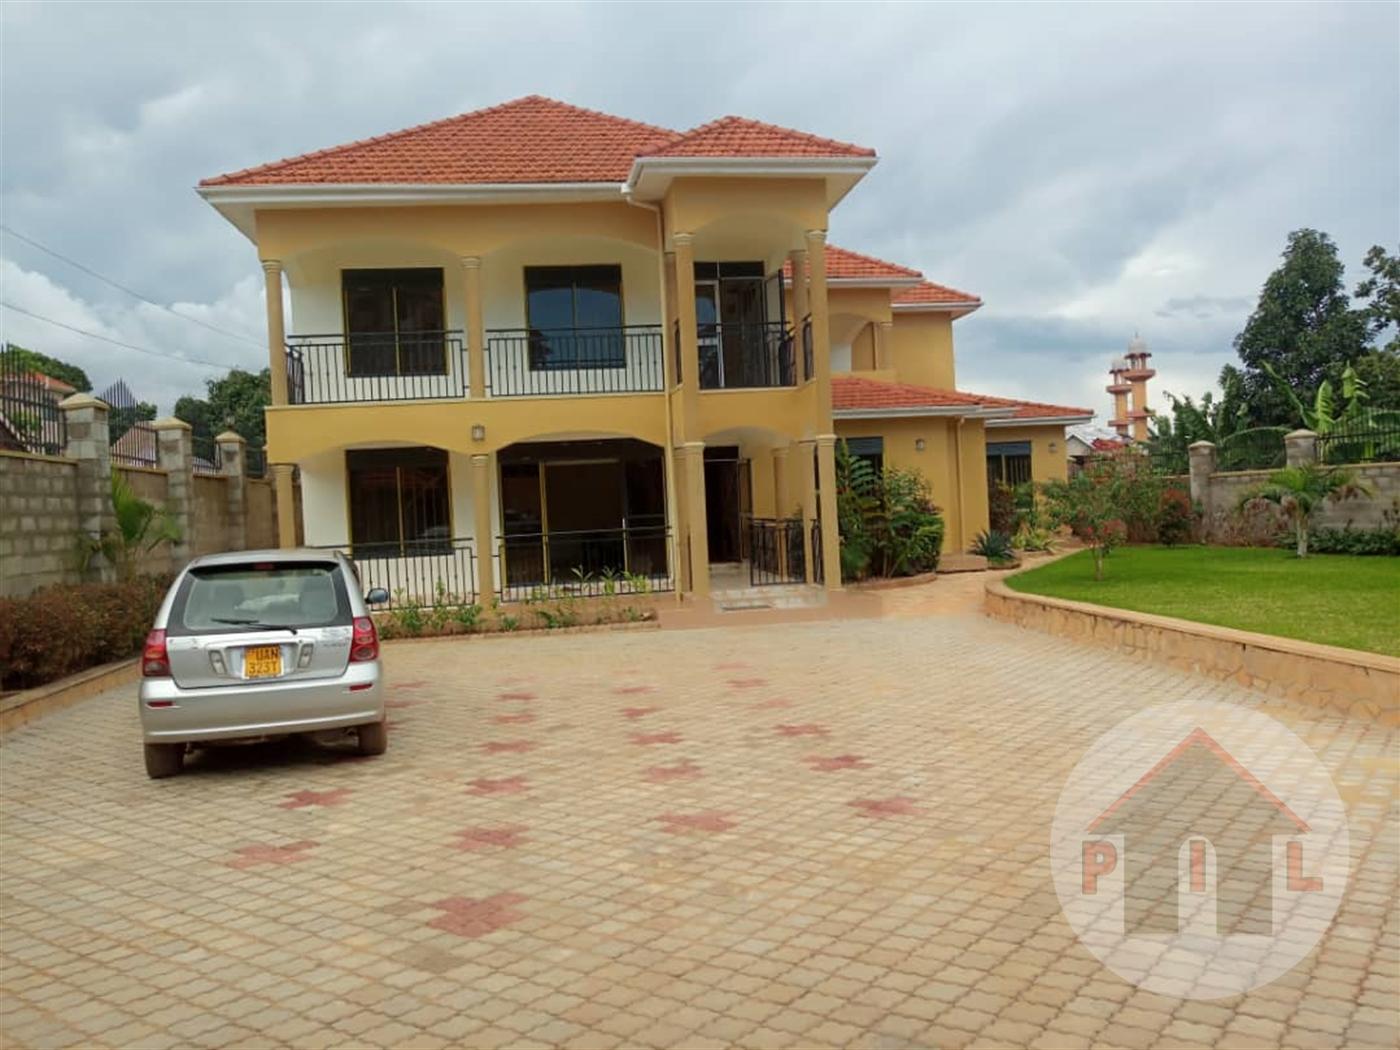 Bungalow for sale in Munyonyo Kampala